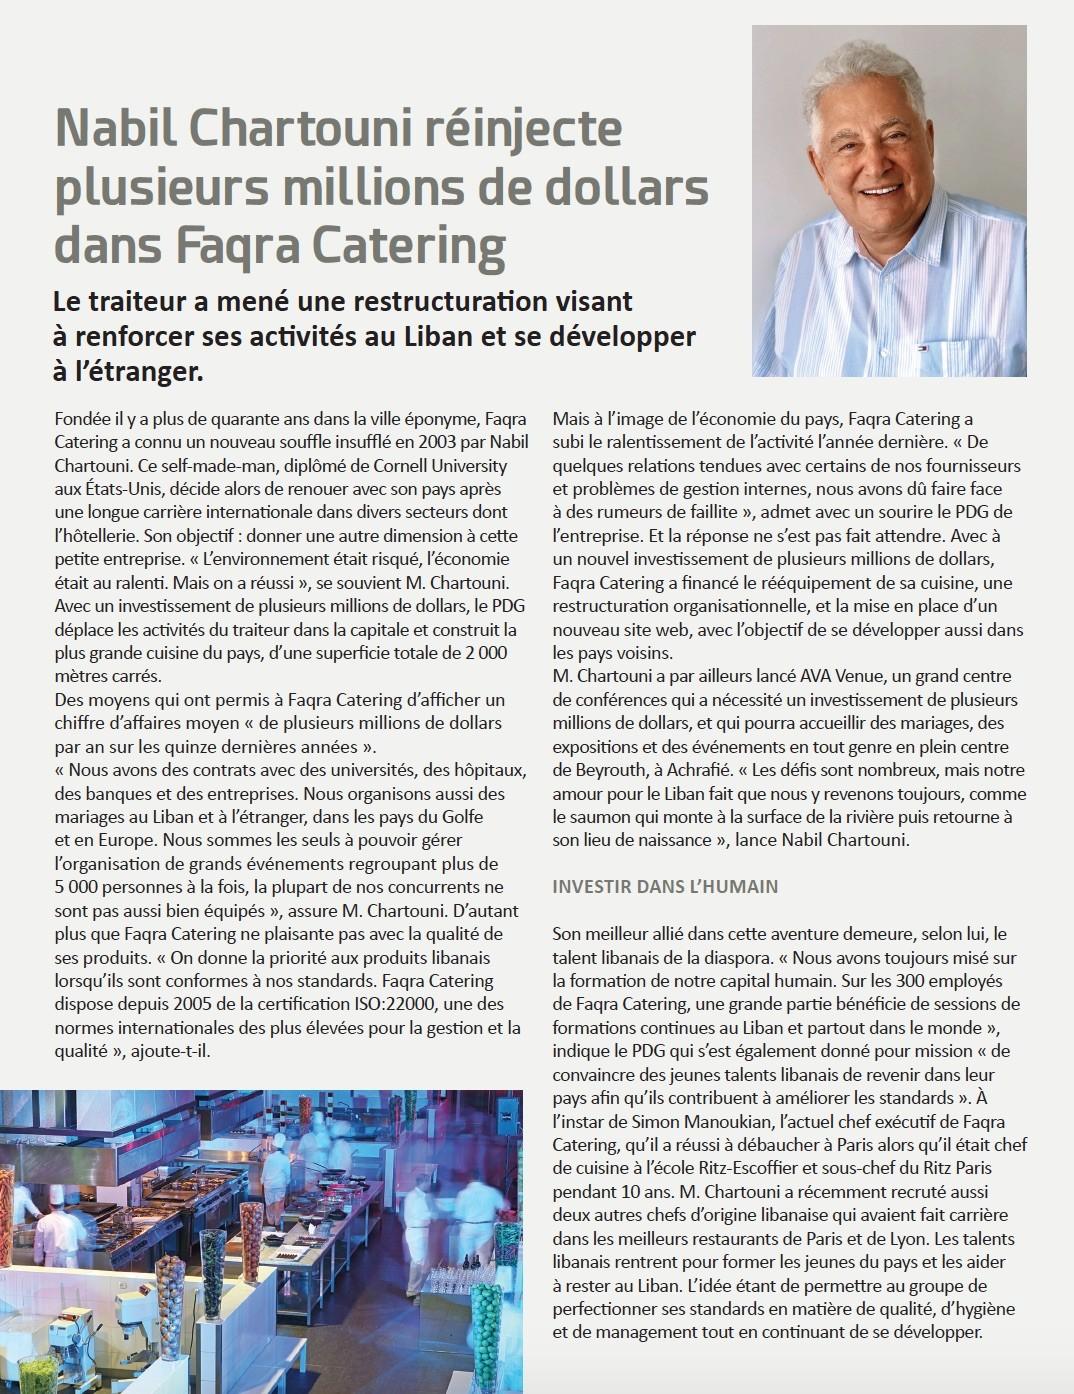 Nabil Chartouni réinjecte plusieurs millions de dollars dans Faqra Catering